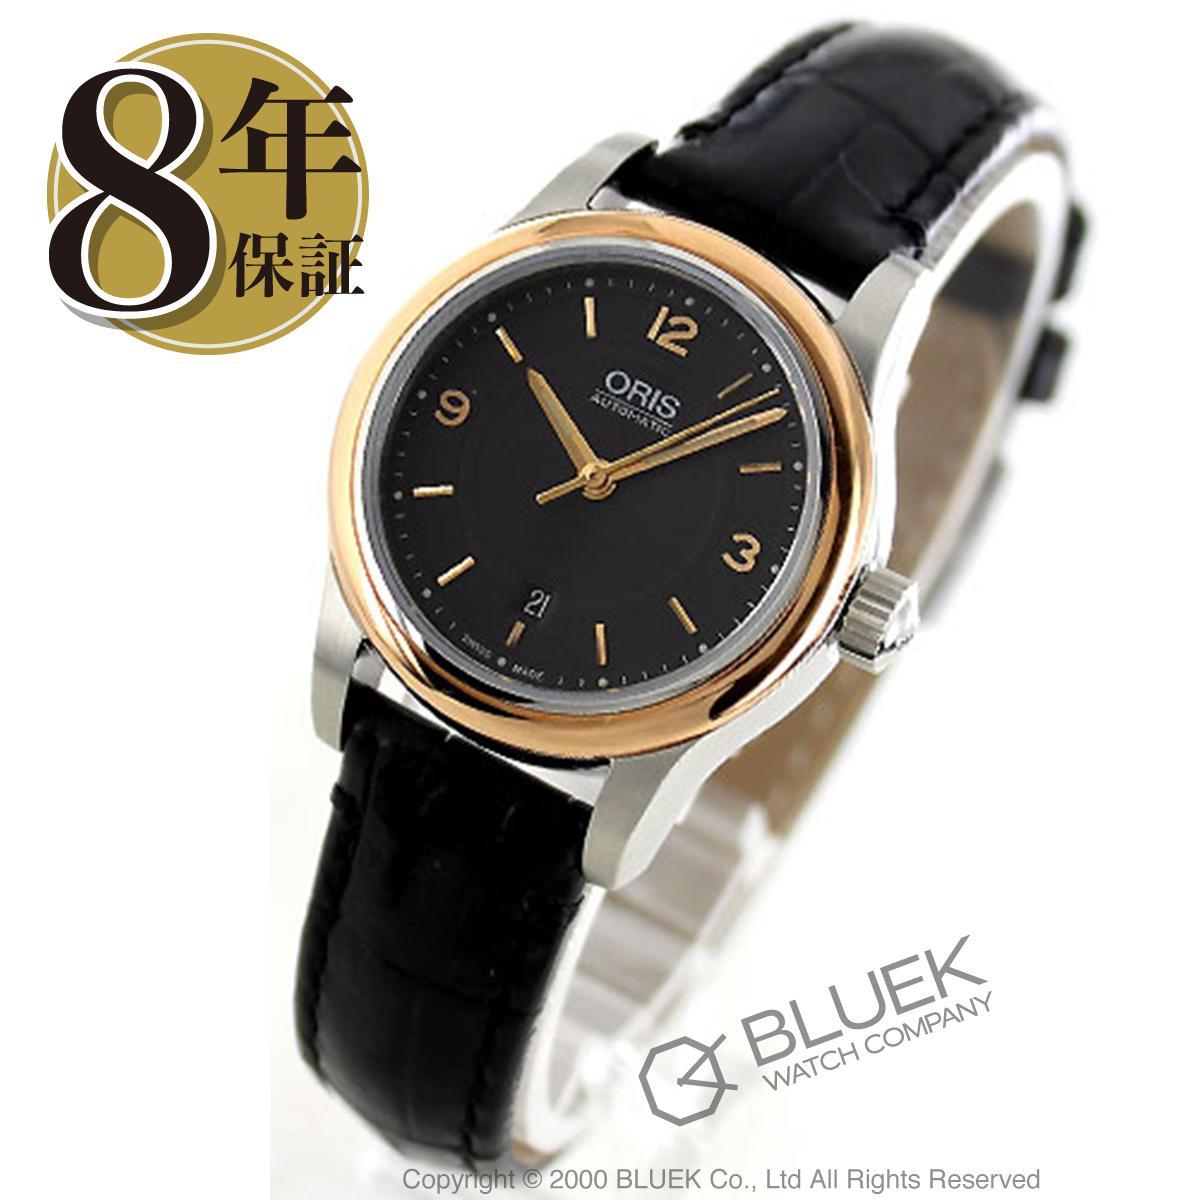 【1,000円OFFクーポン対象】オリス クラシック 腕時計 レディース ORIS 561 7650 4334F_8